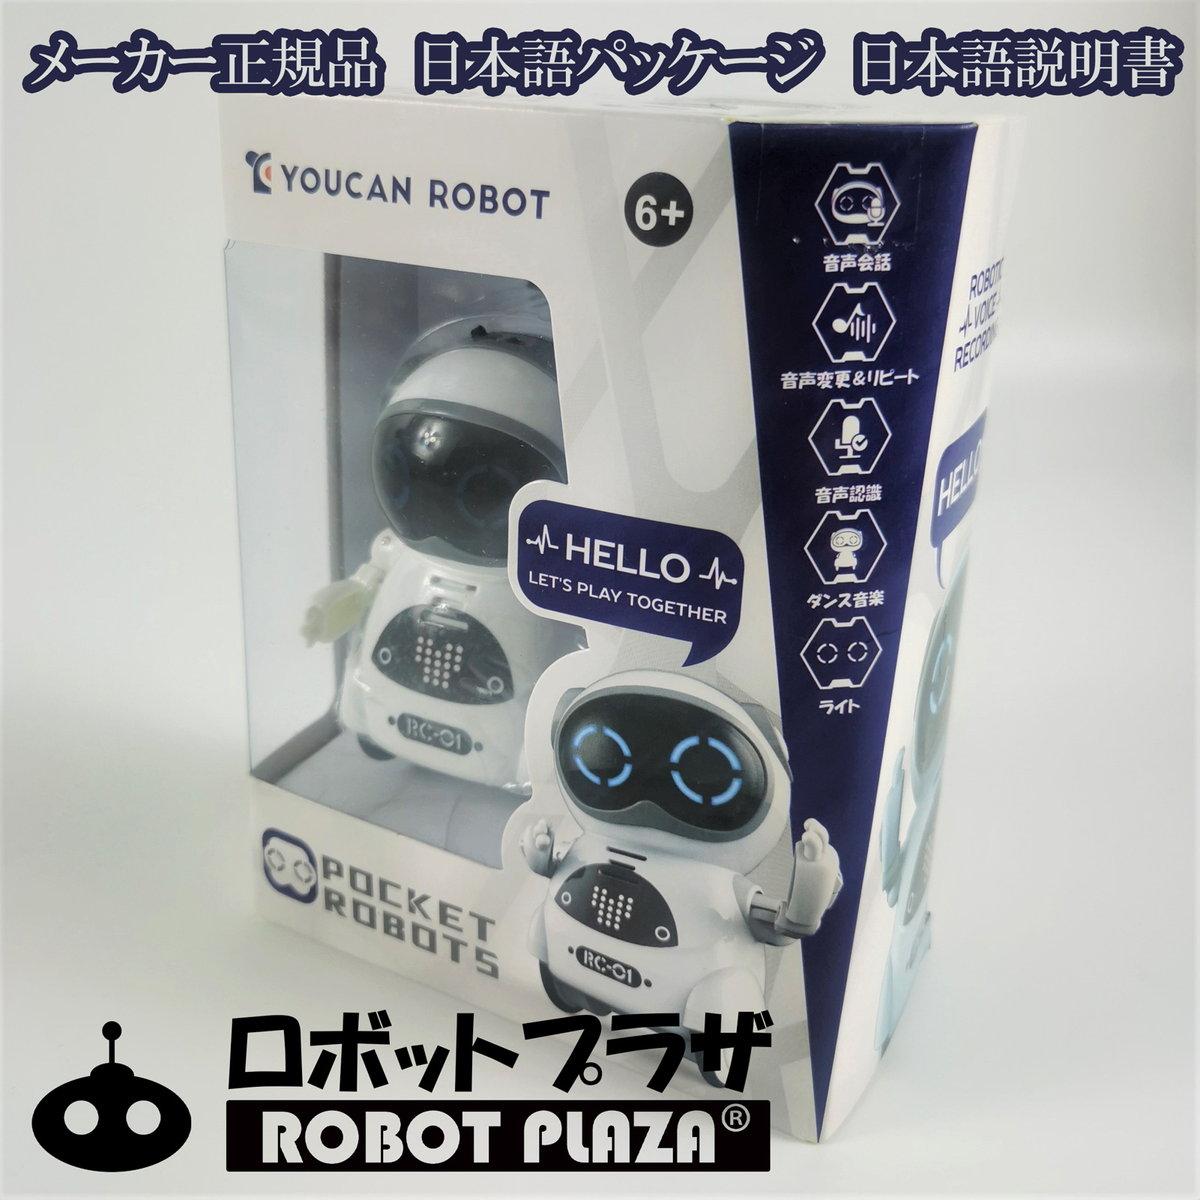 しゃべる おもちゃ コミュニケーション ロボット 英語 勉強 知育 教育 音声認識 音声会話